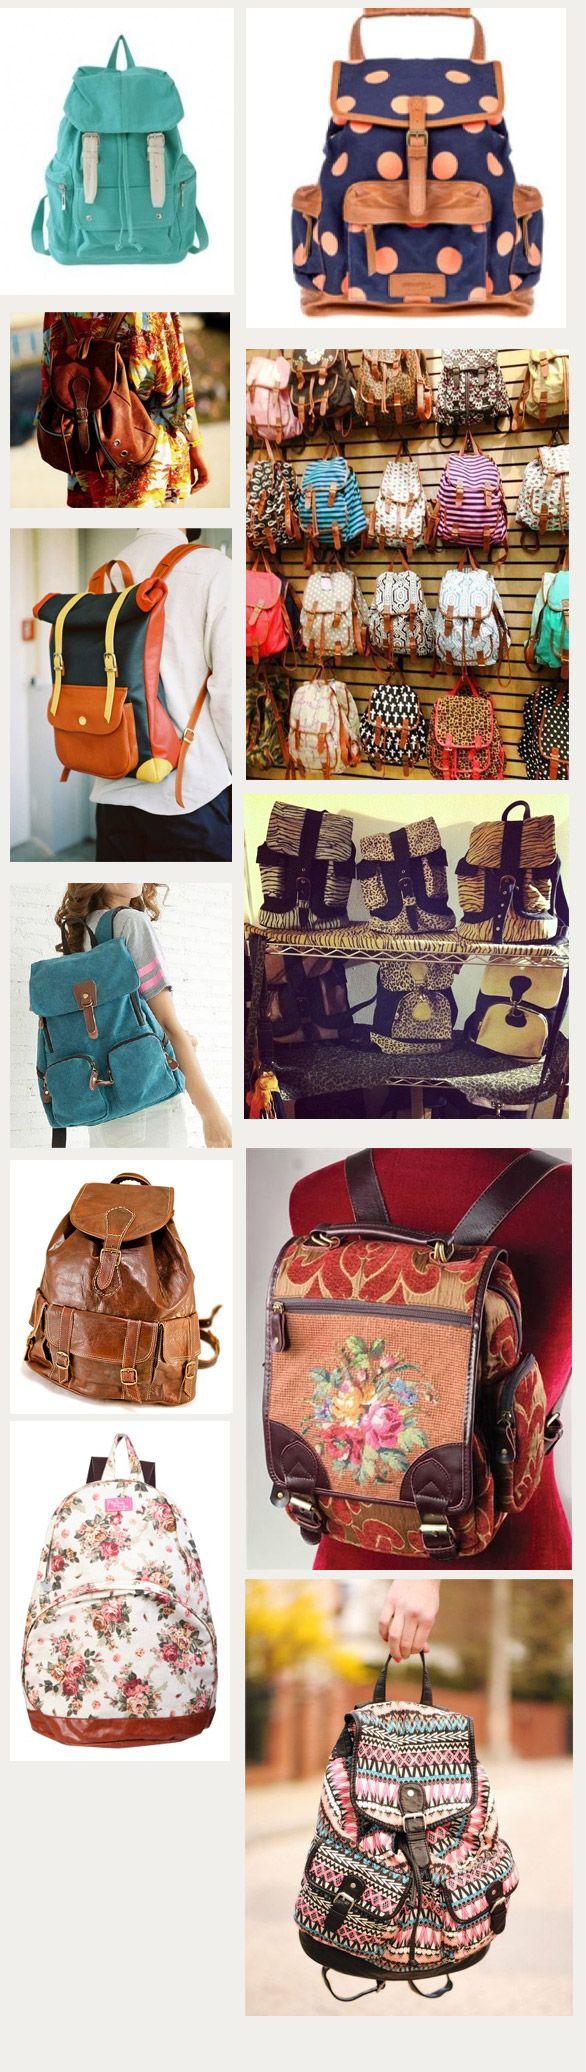 Tendencia: Mochilas vintage - Tiendas Dressup Providencia